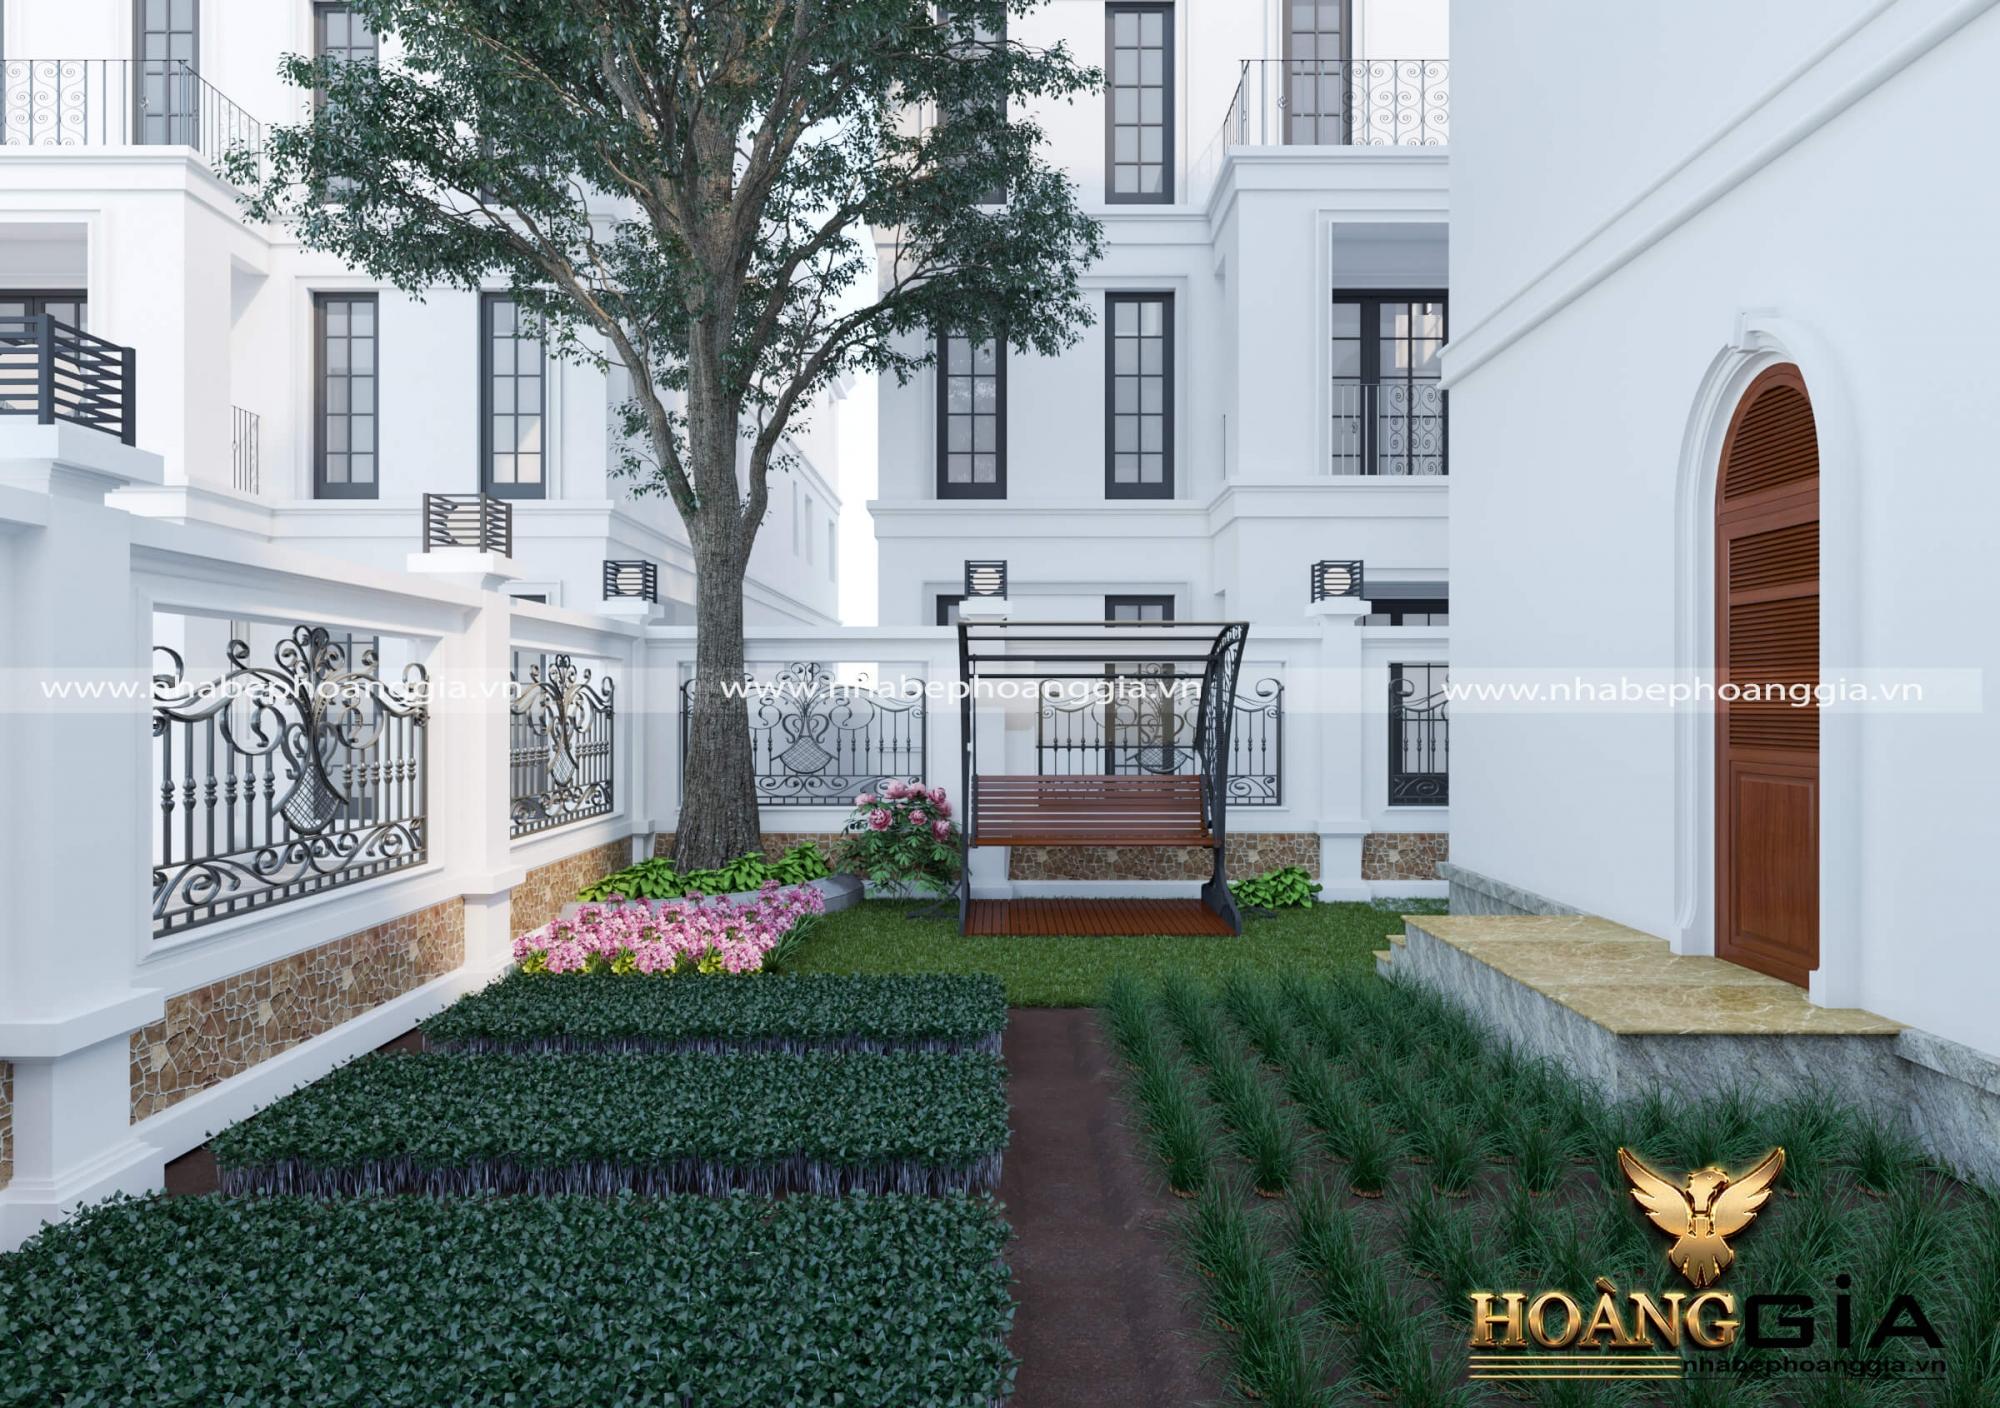 mẫu nhà vườn